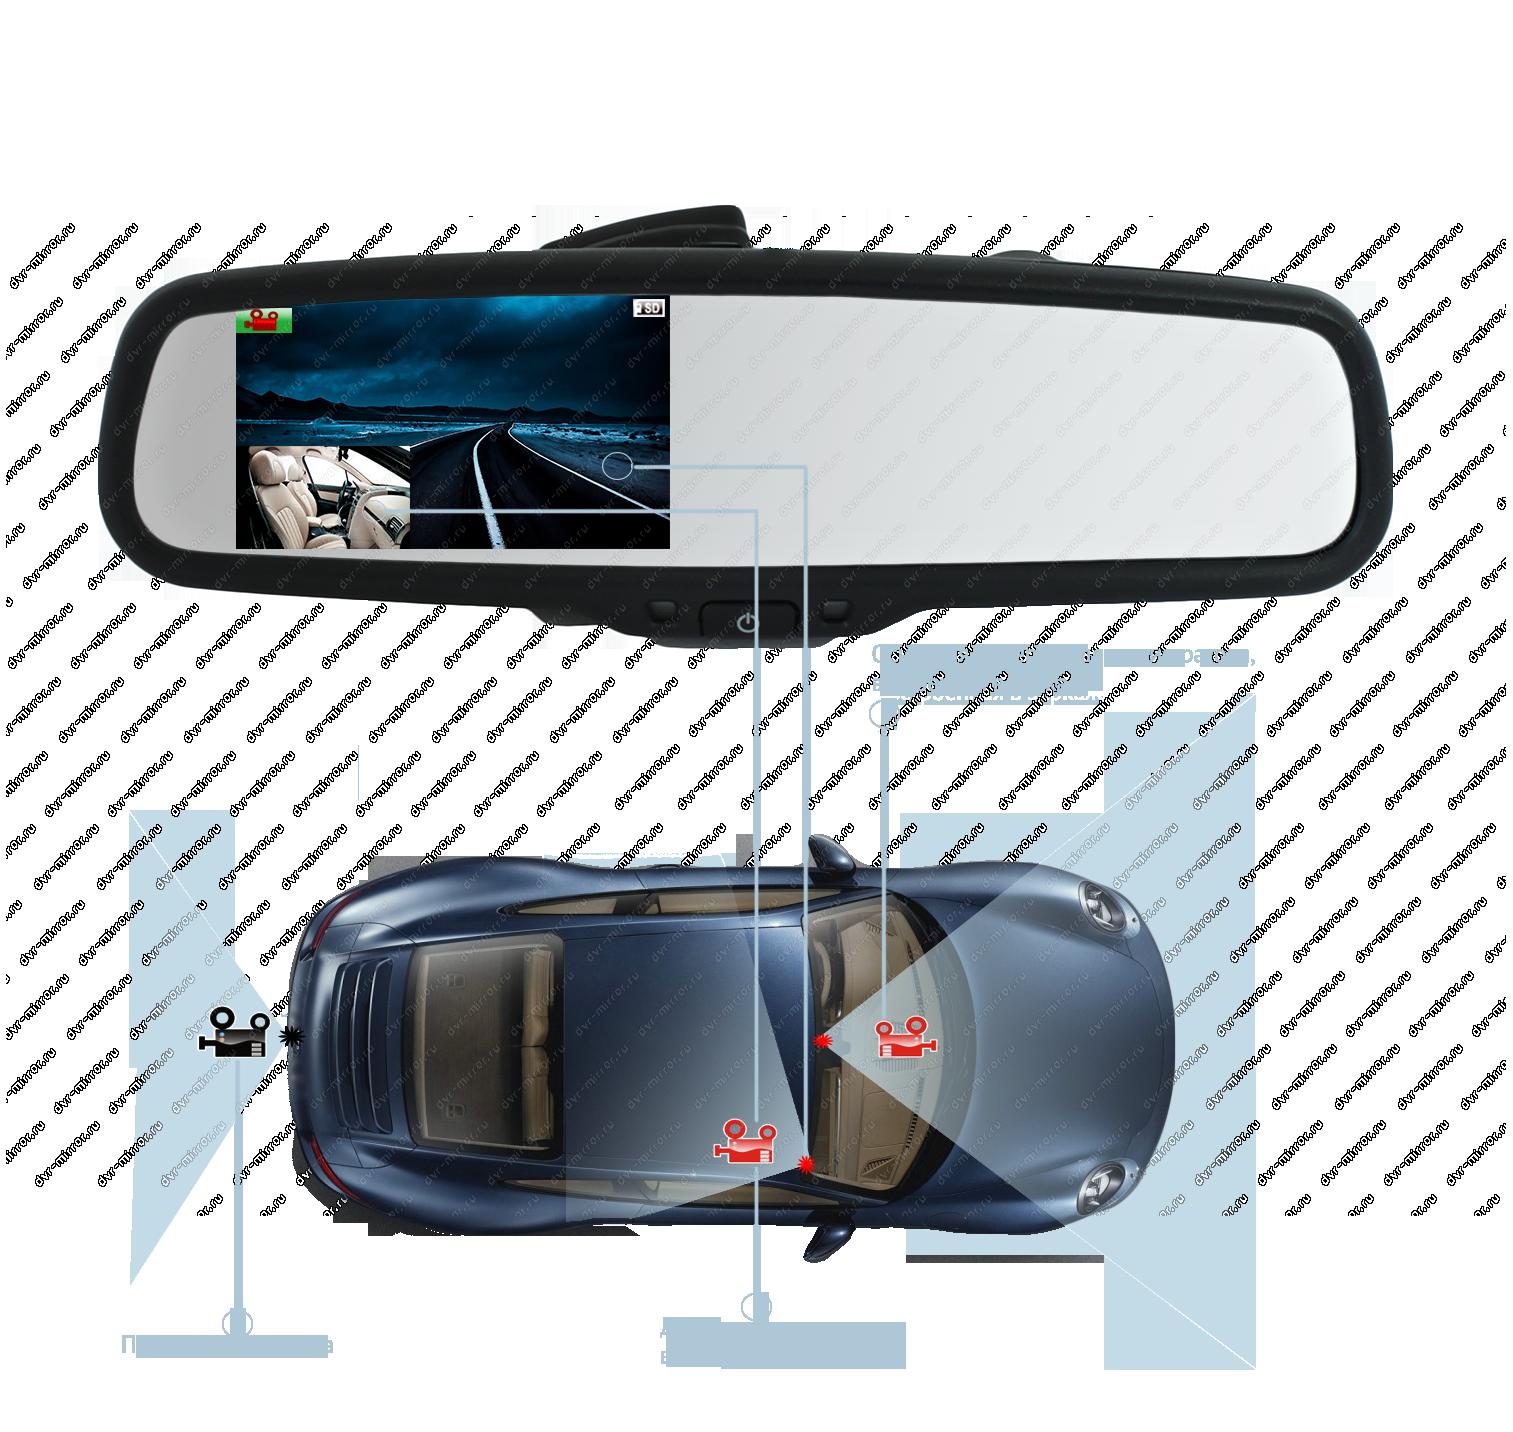 Зеркало с камерой заднего вида схема установки